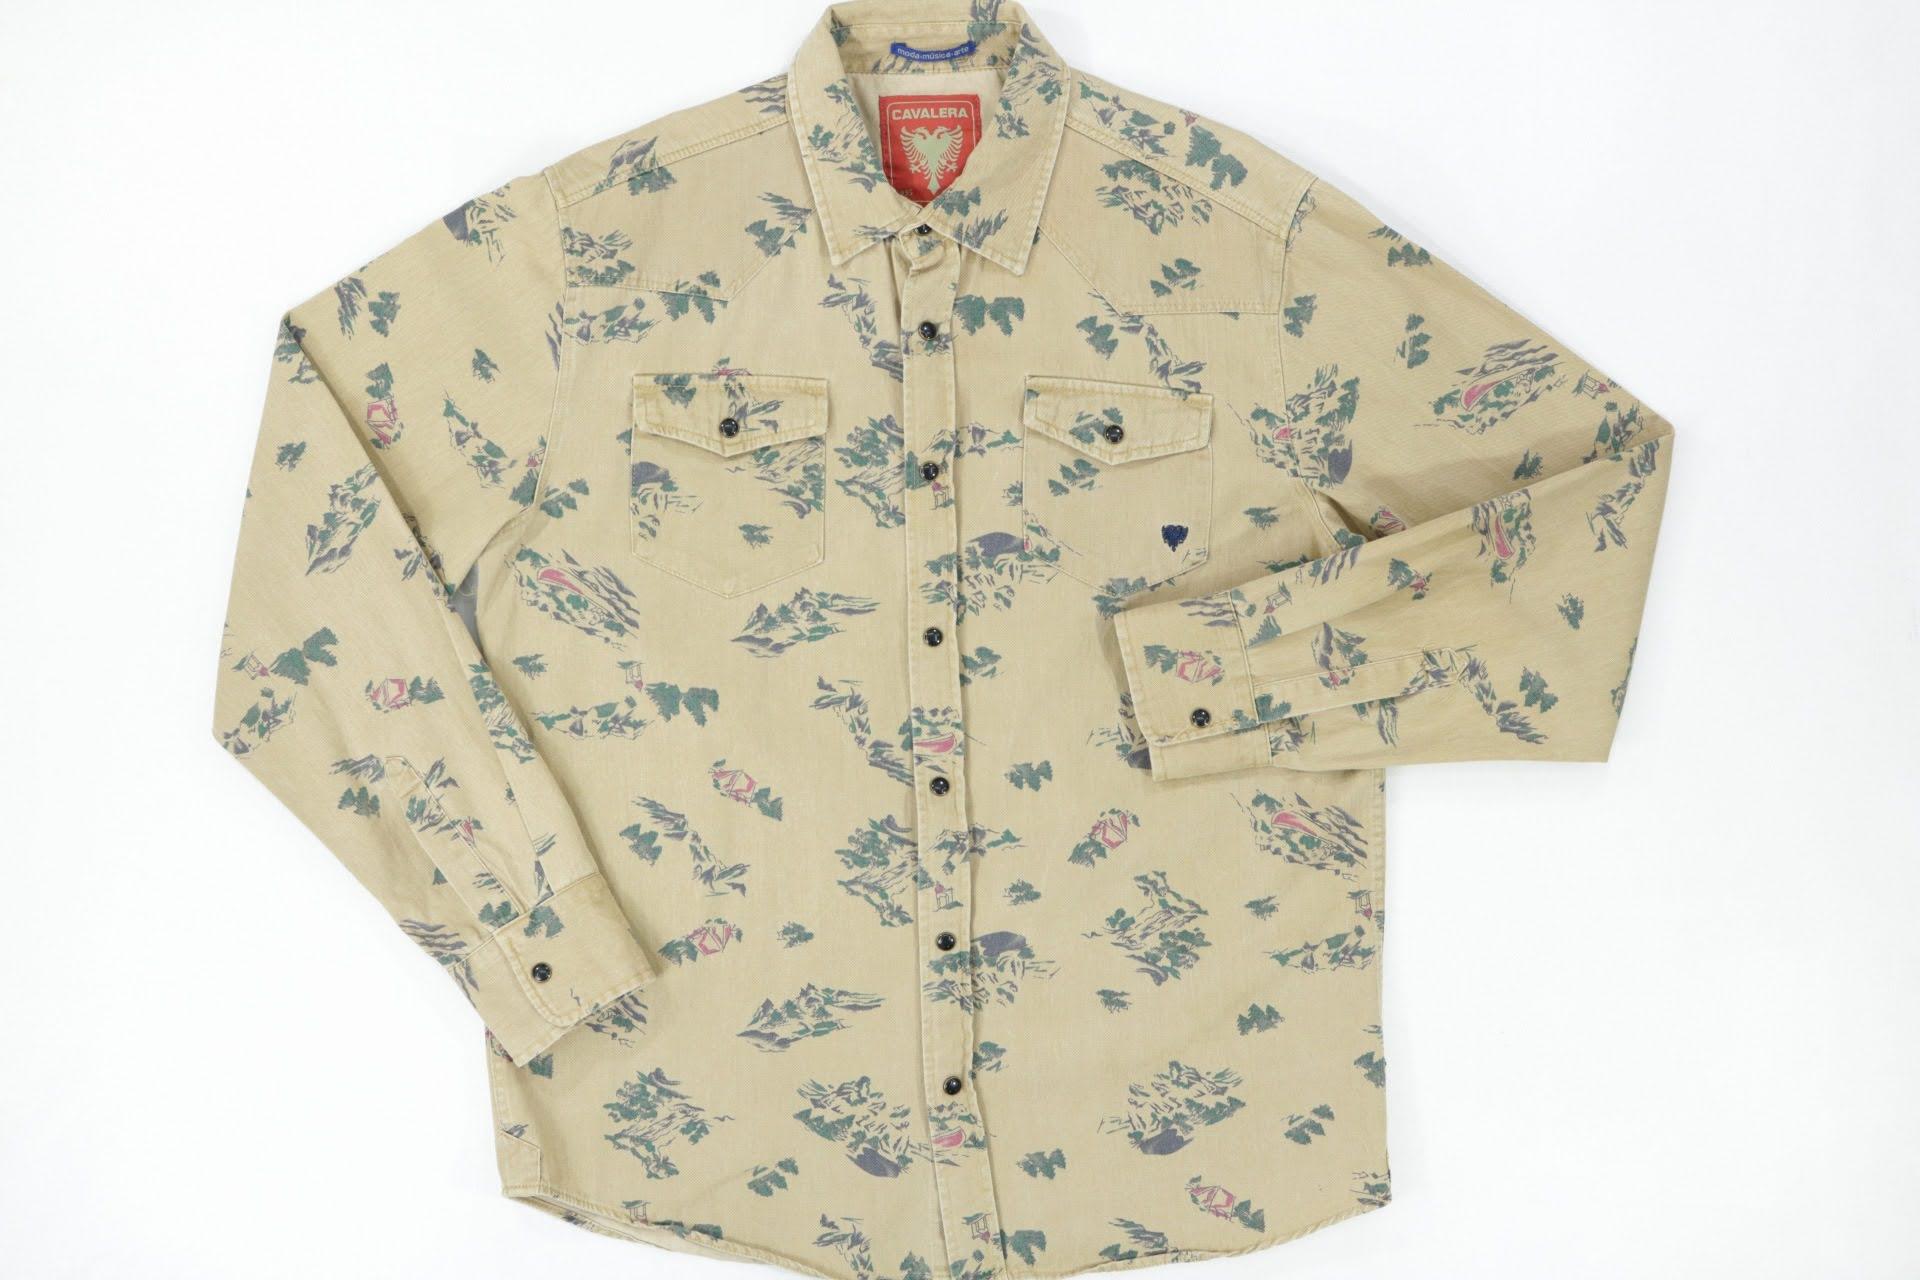 Camisa Estampada Cavalera - Tam M